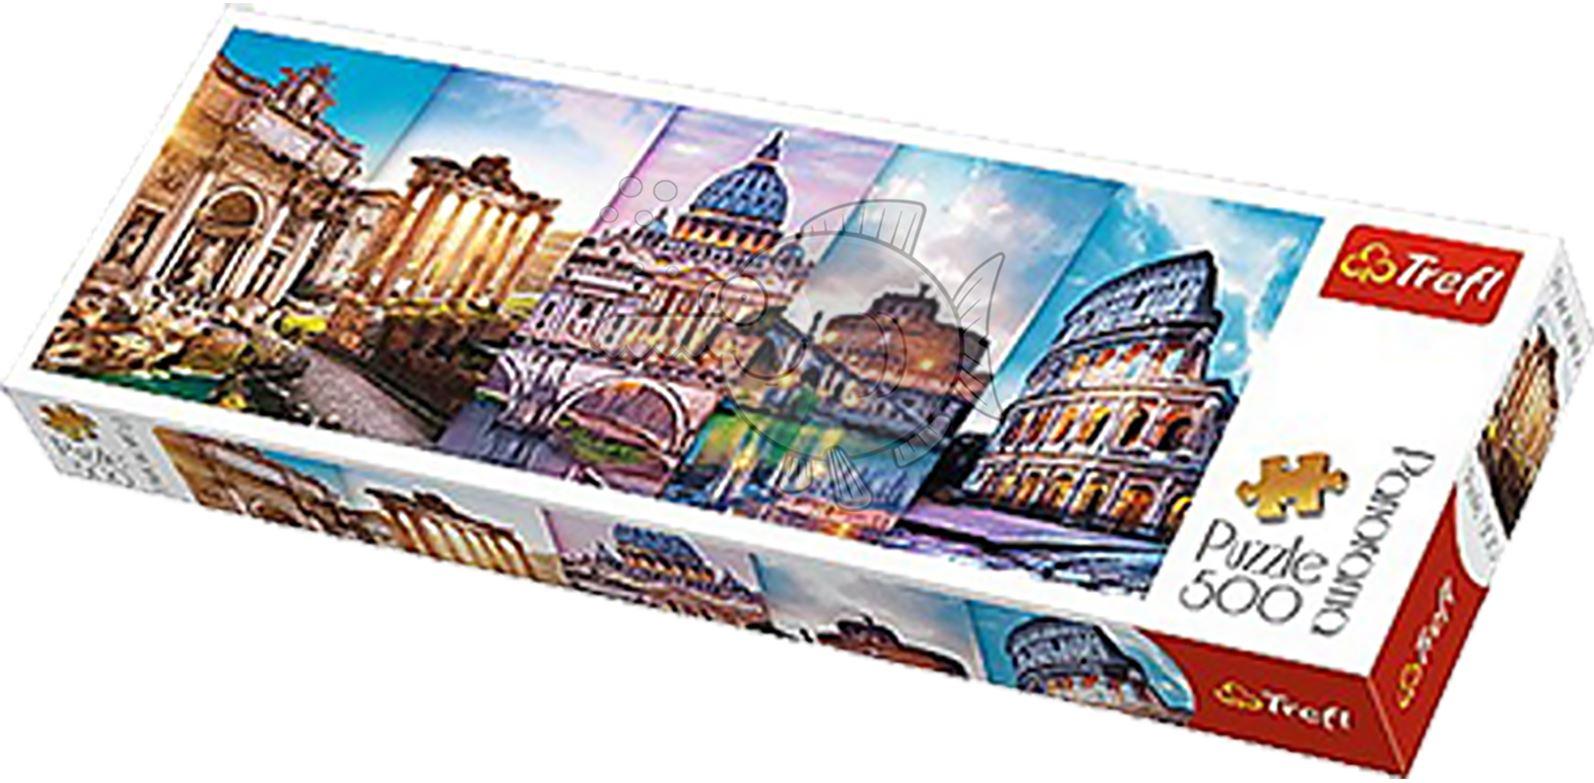 Trefl-300-500-1000-1500-2000-3000-4000-6000-Piece-Jigsaw-Puzzle-Paysages-Ville miniature 235